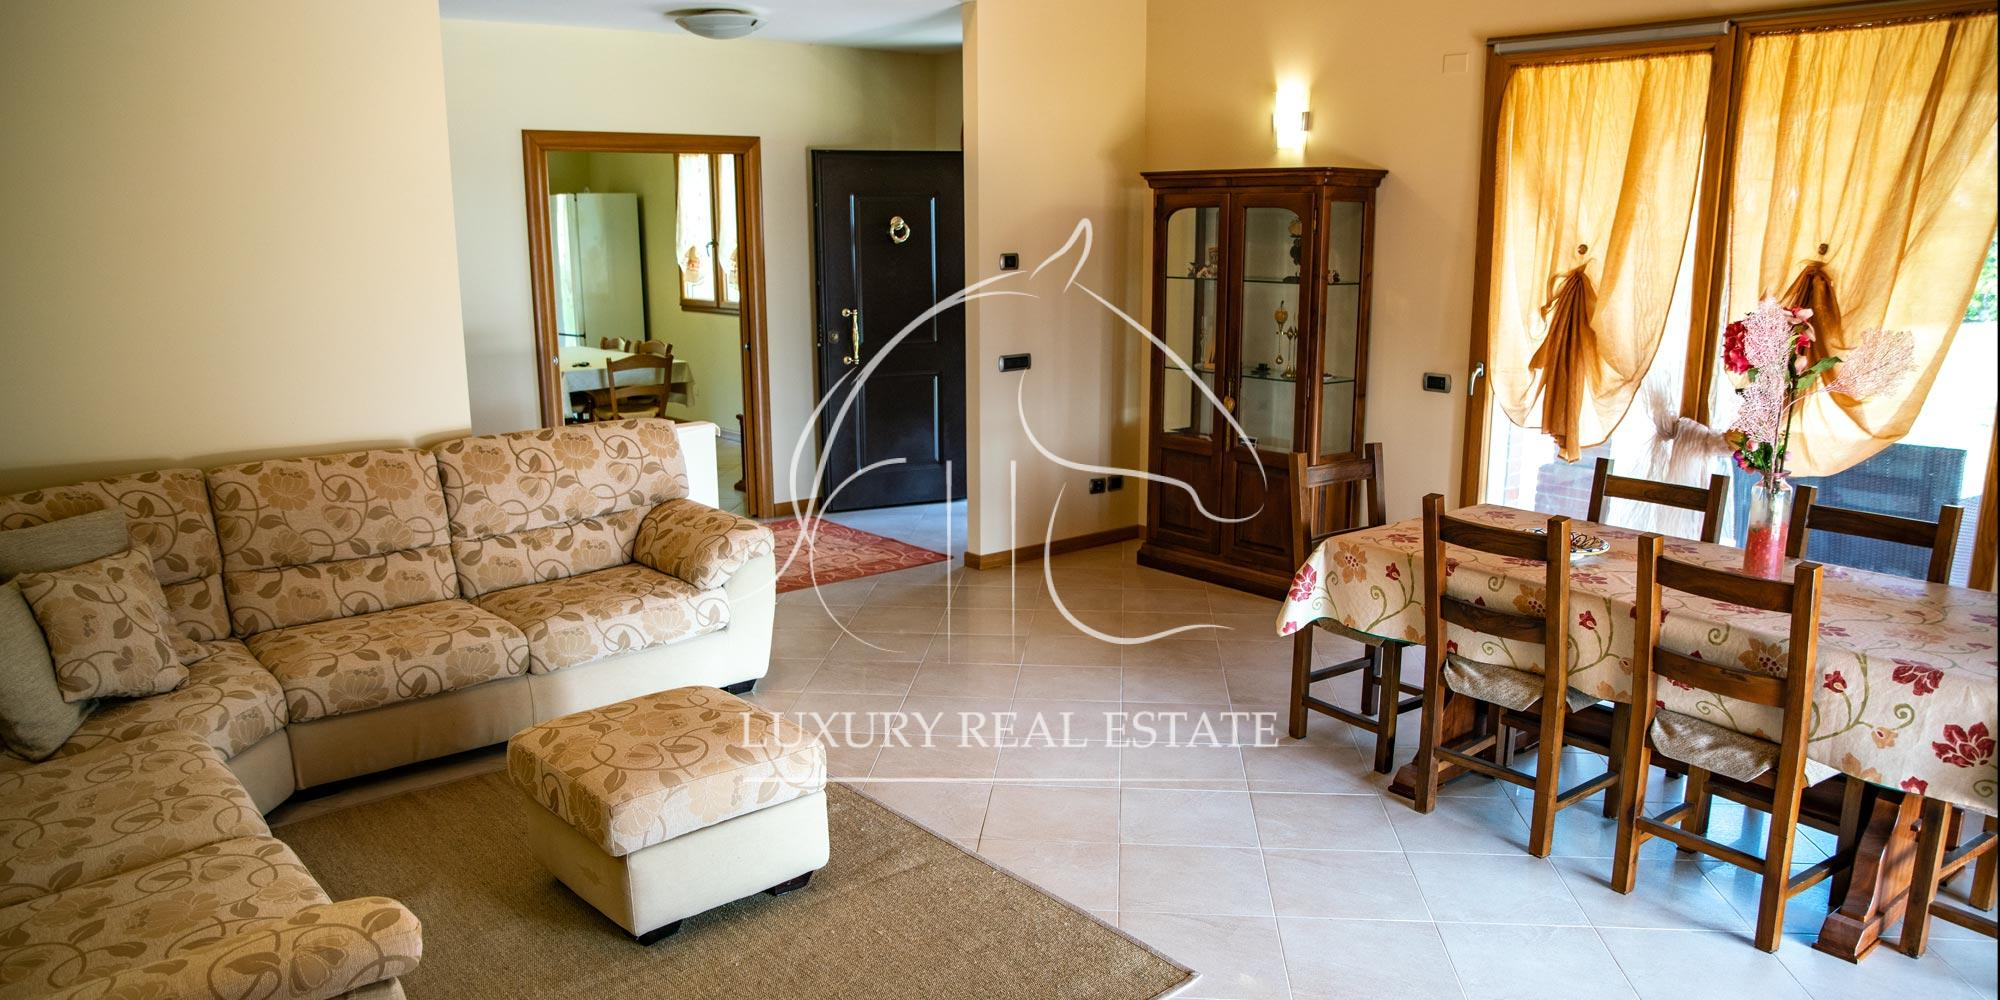 Rif. 075 Splendida villa residenziale con ampia corte a San Clemente (RN)